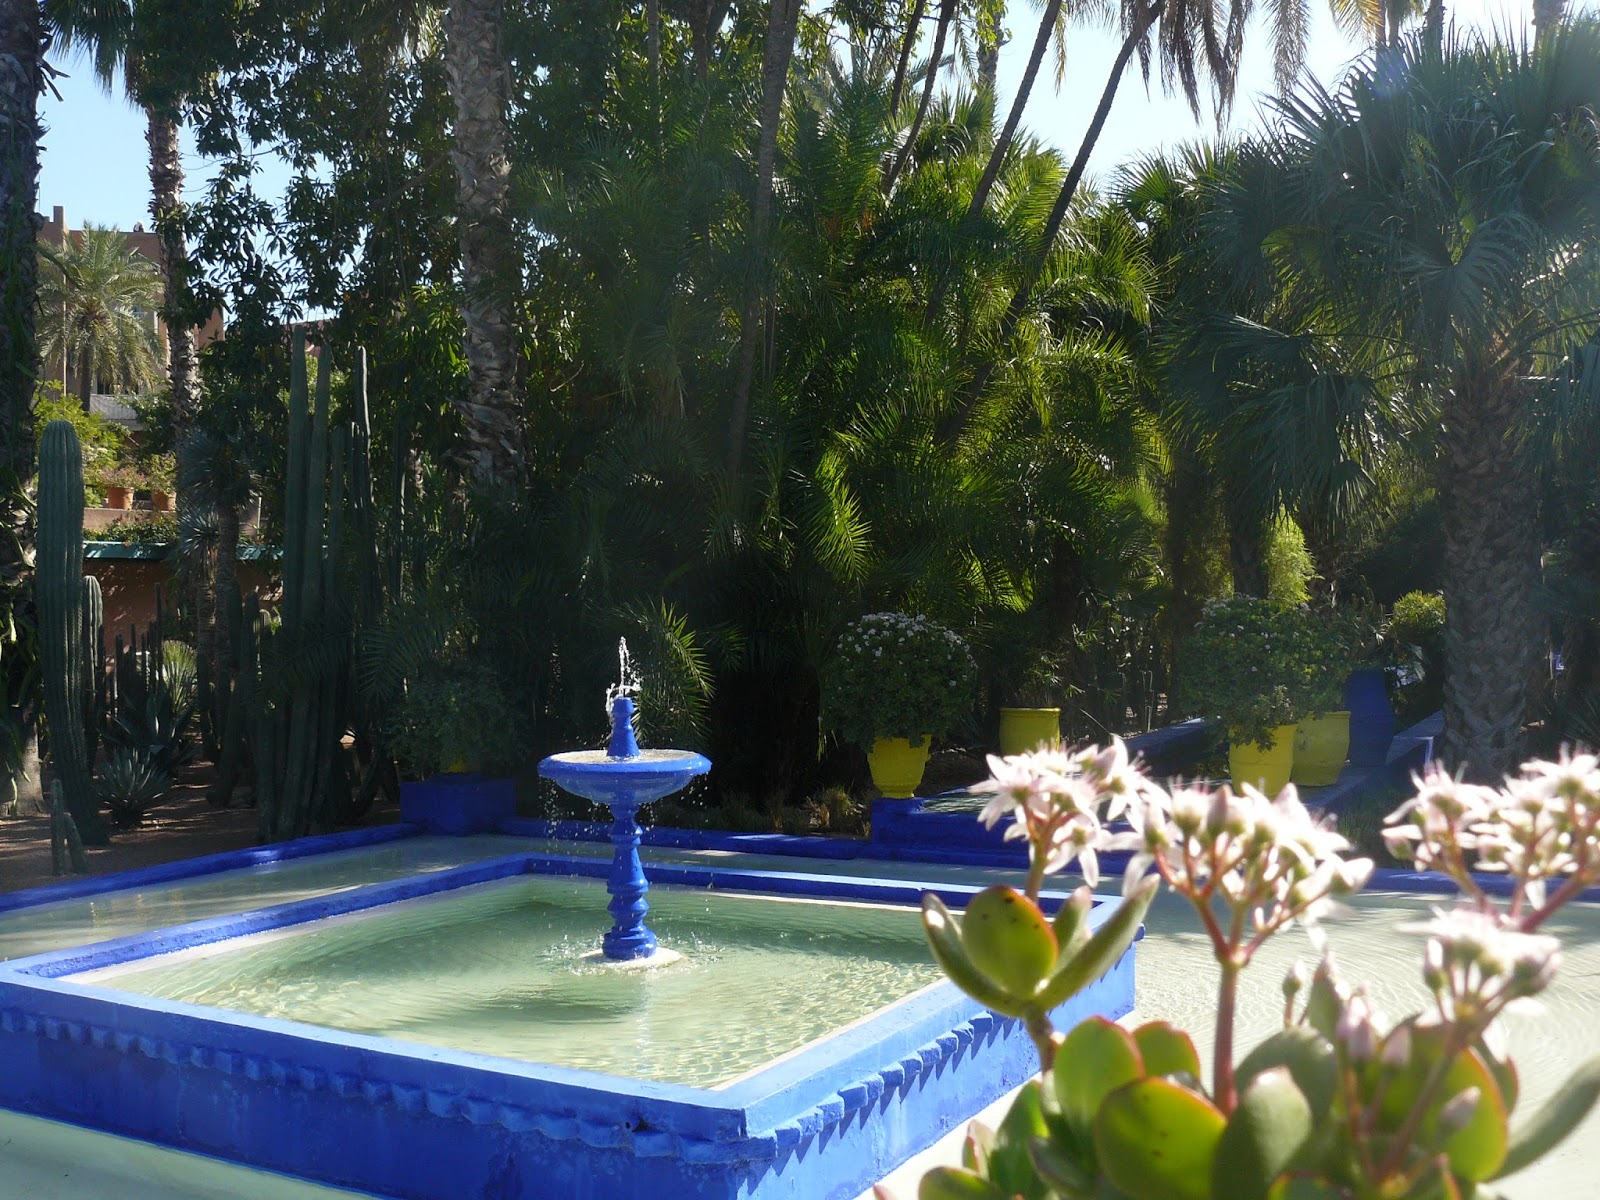 los rincones con agua siempre estn presentes en los jardines rabes en muchas ocasiones la fuente es el centro del jardn o el elemento principal